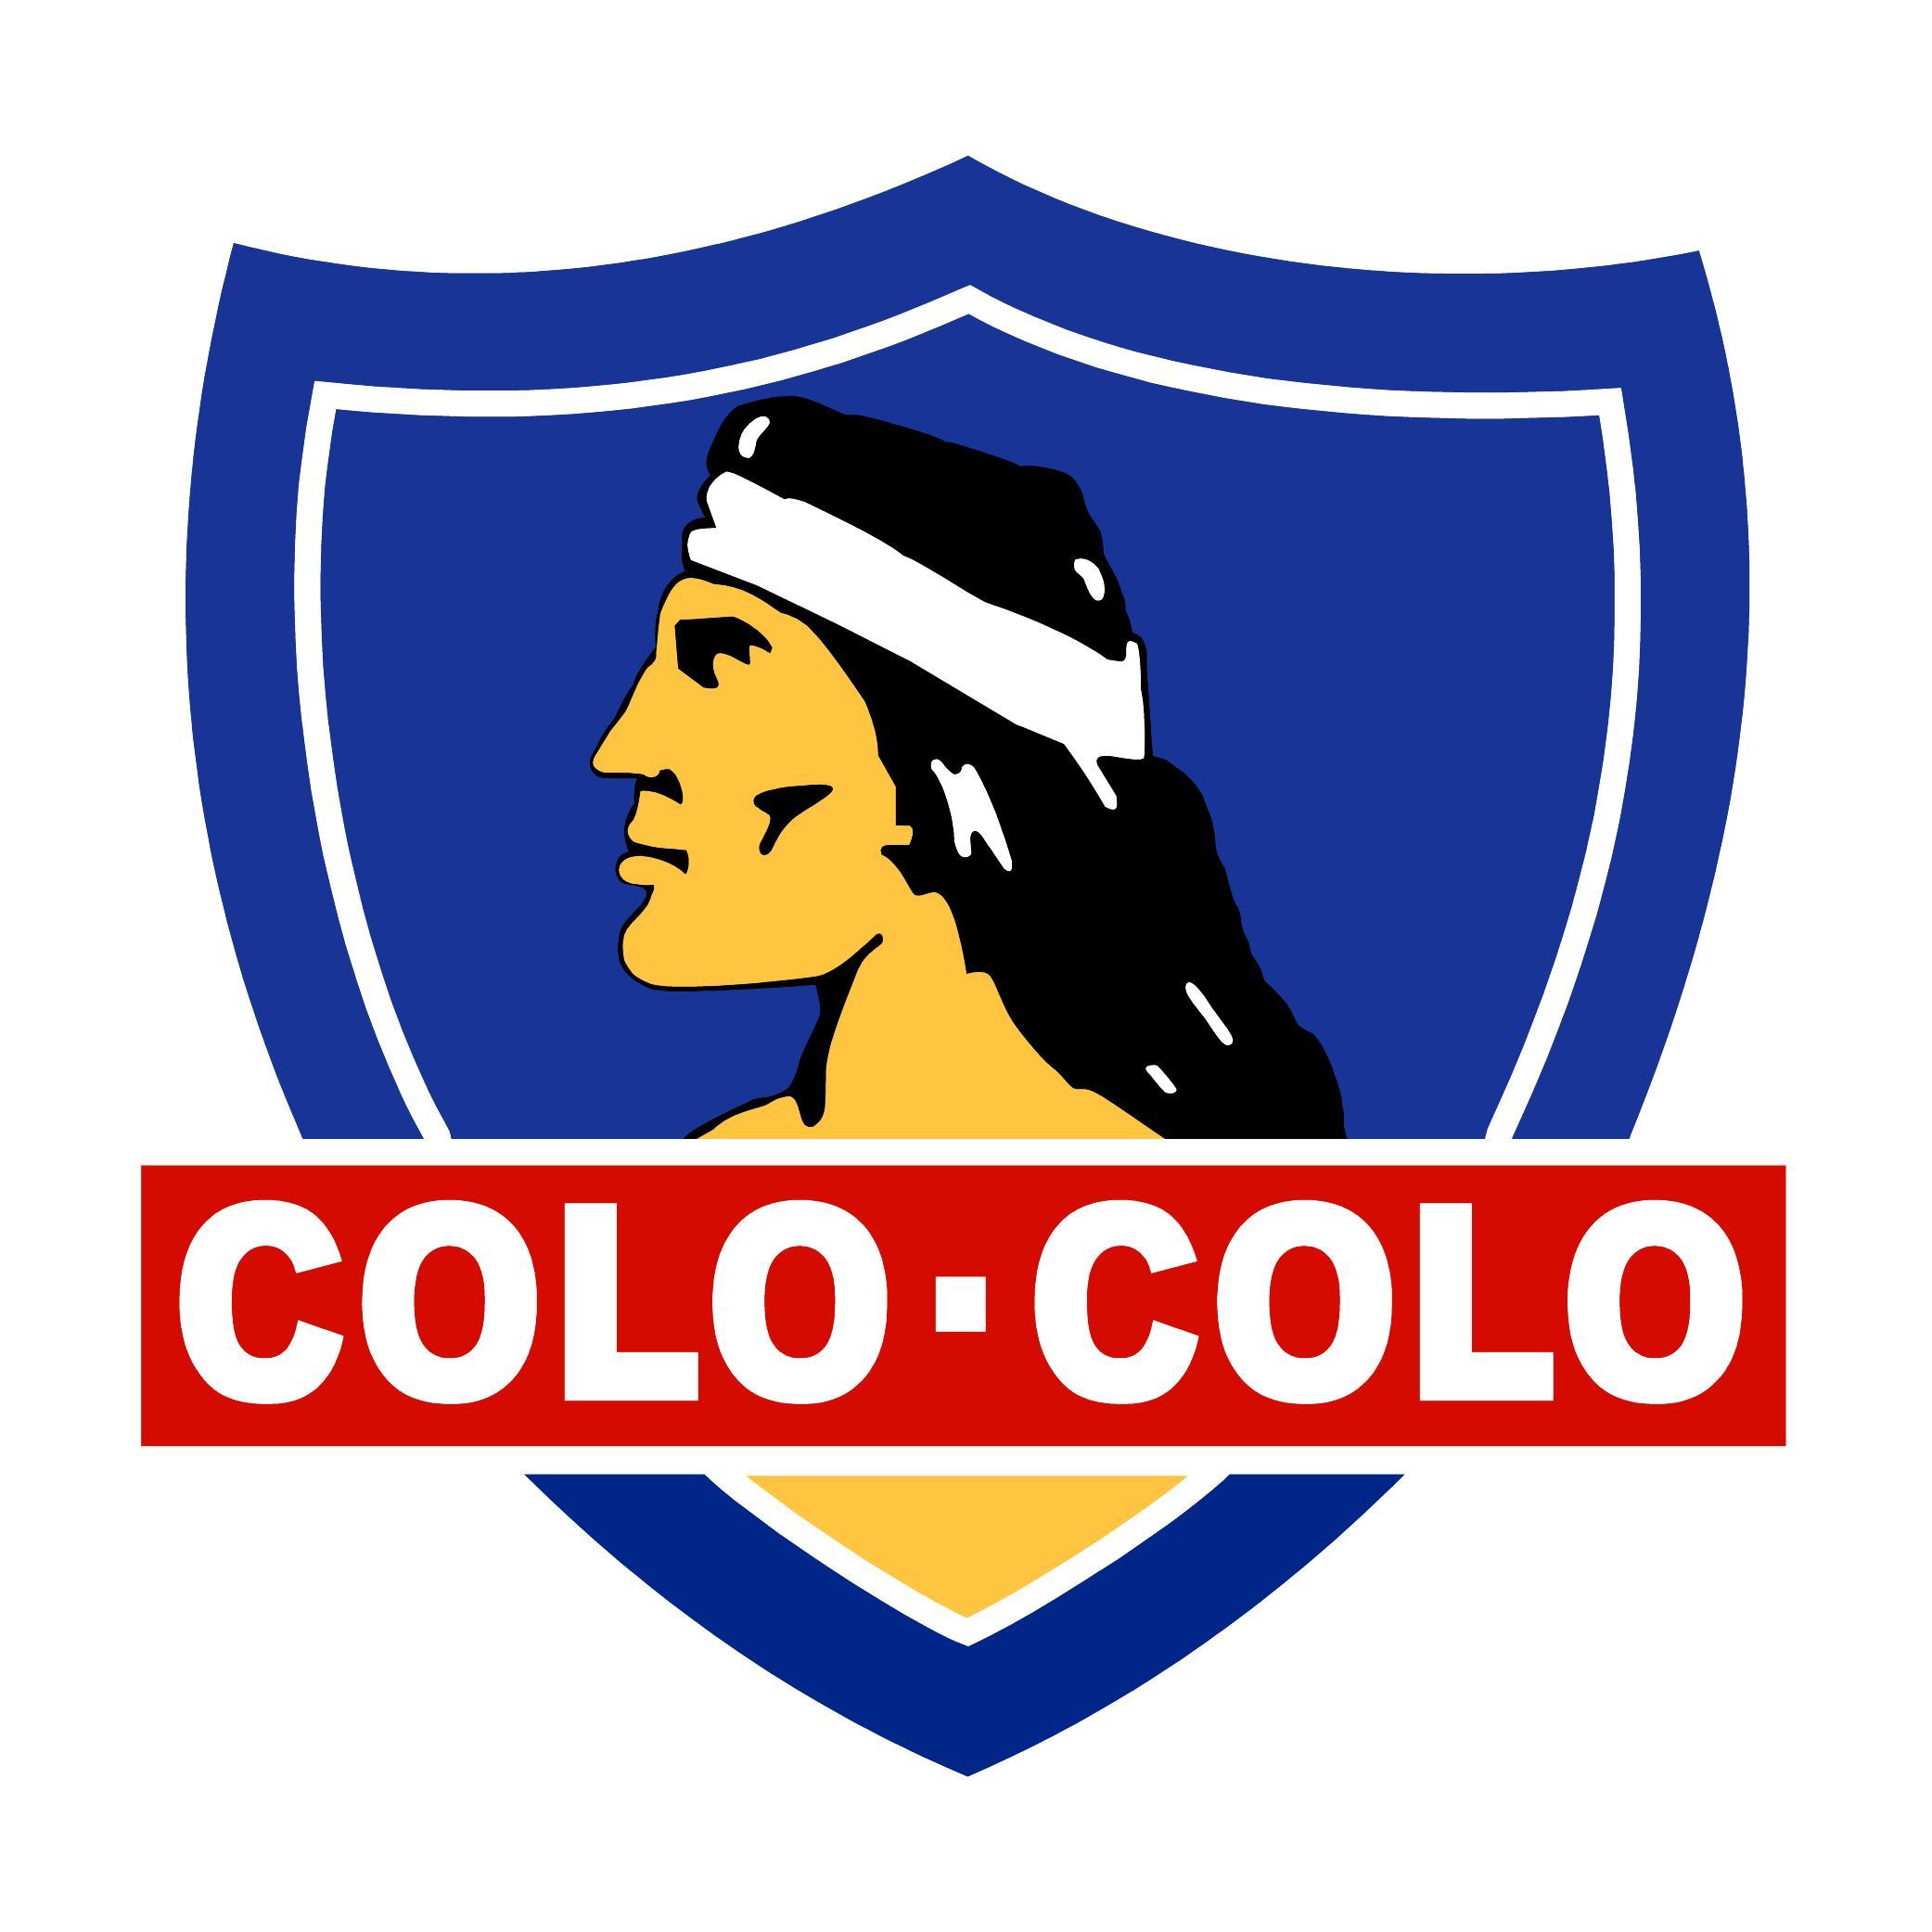 colo-colo1